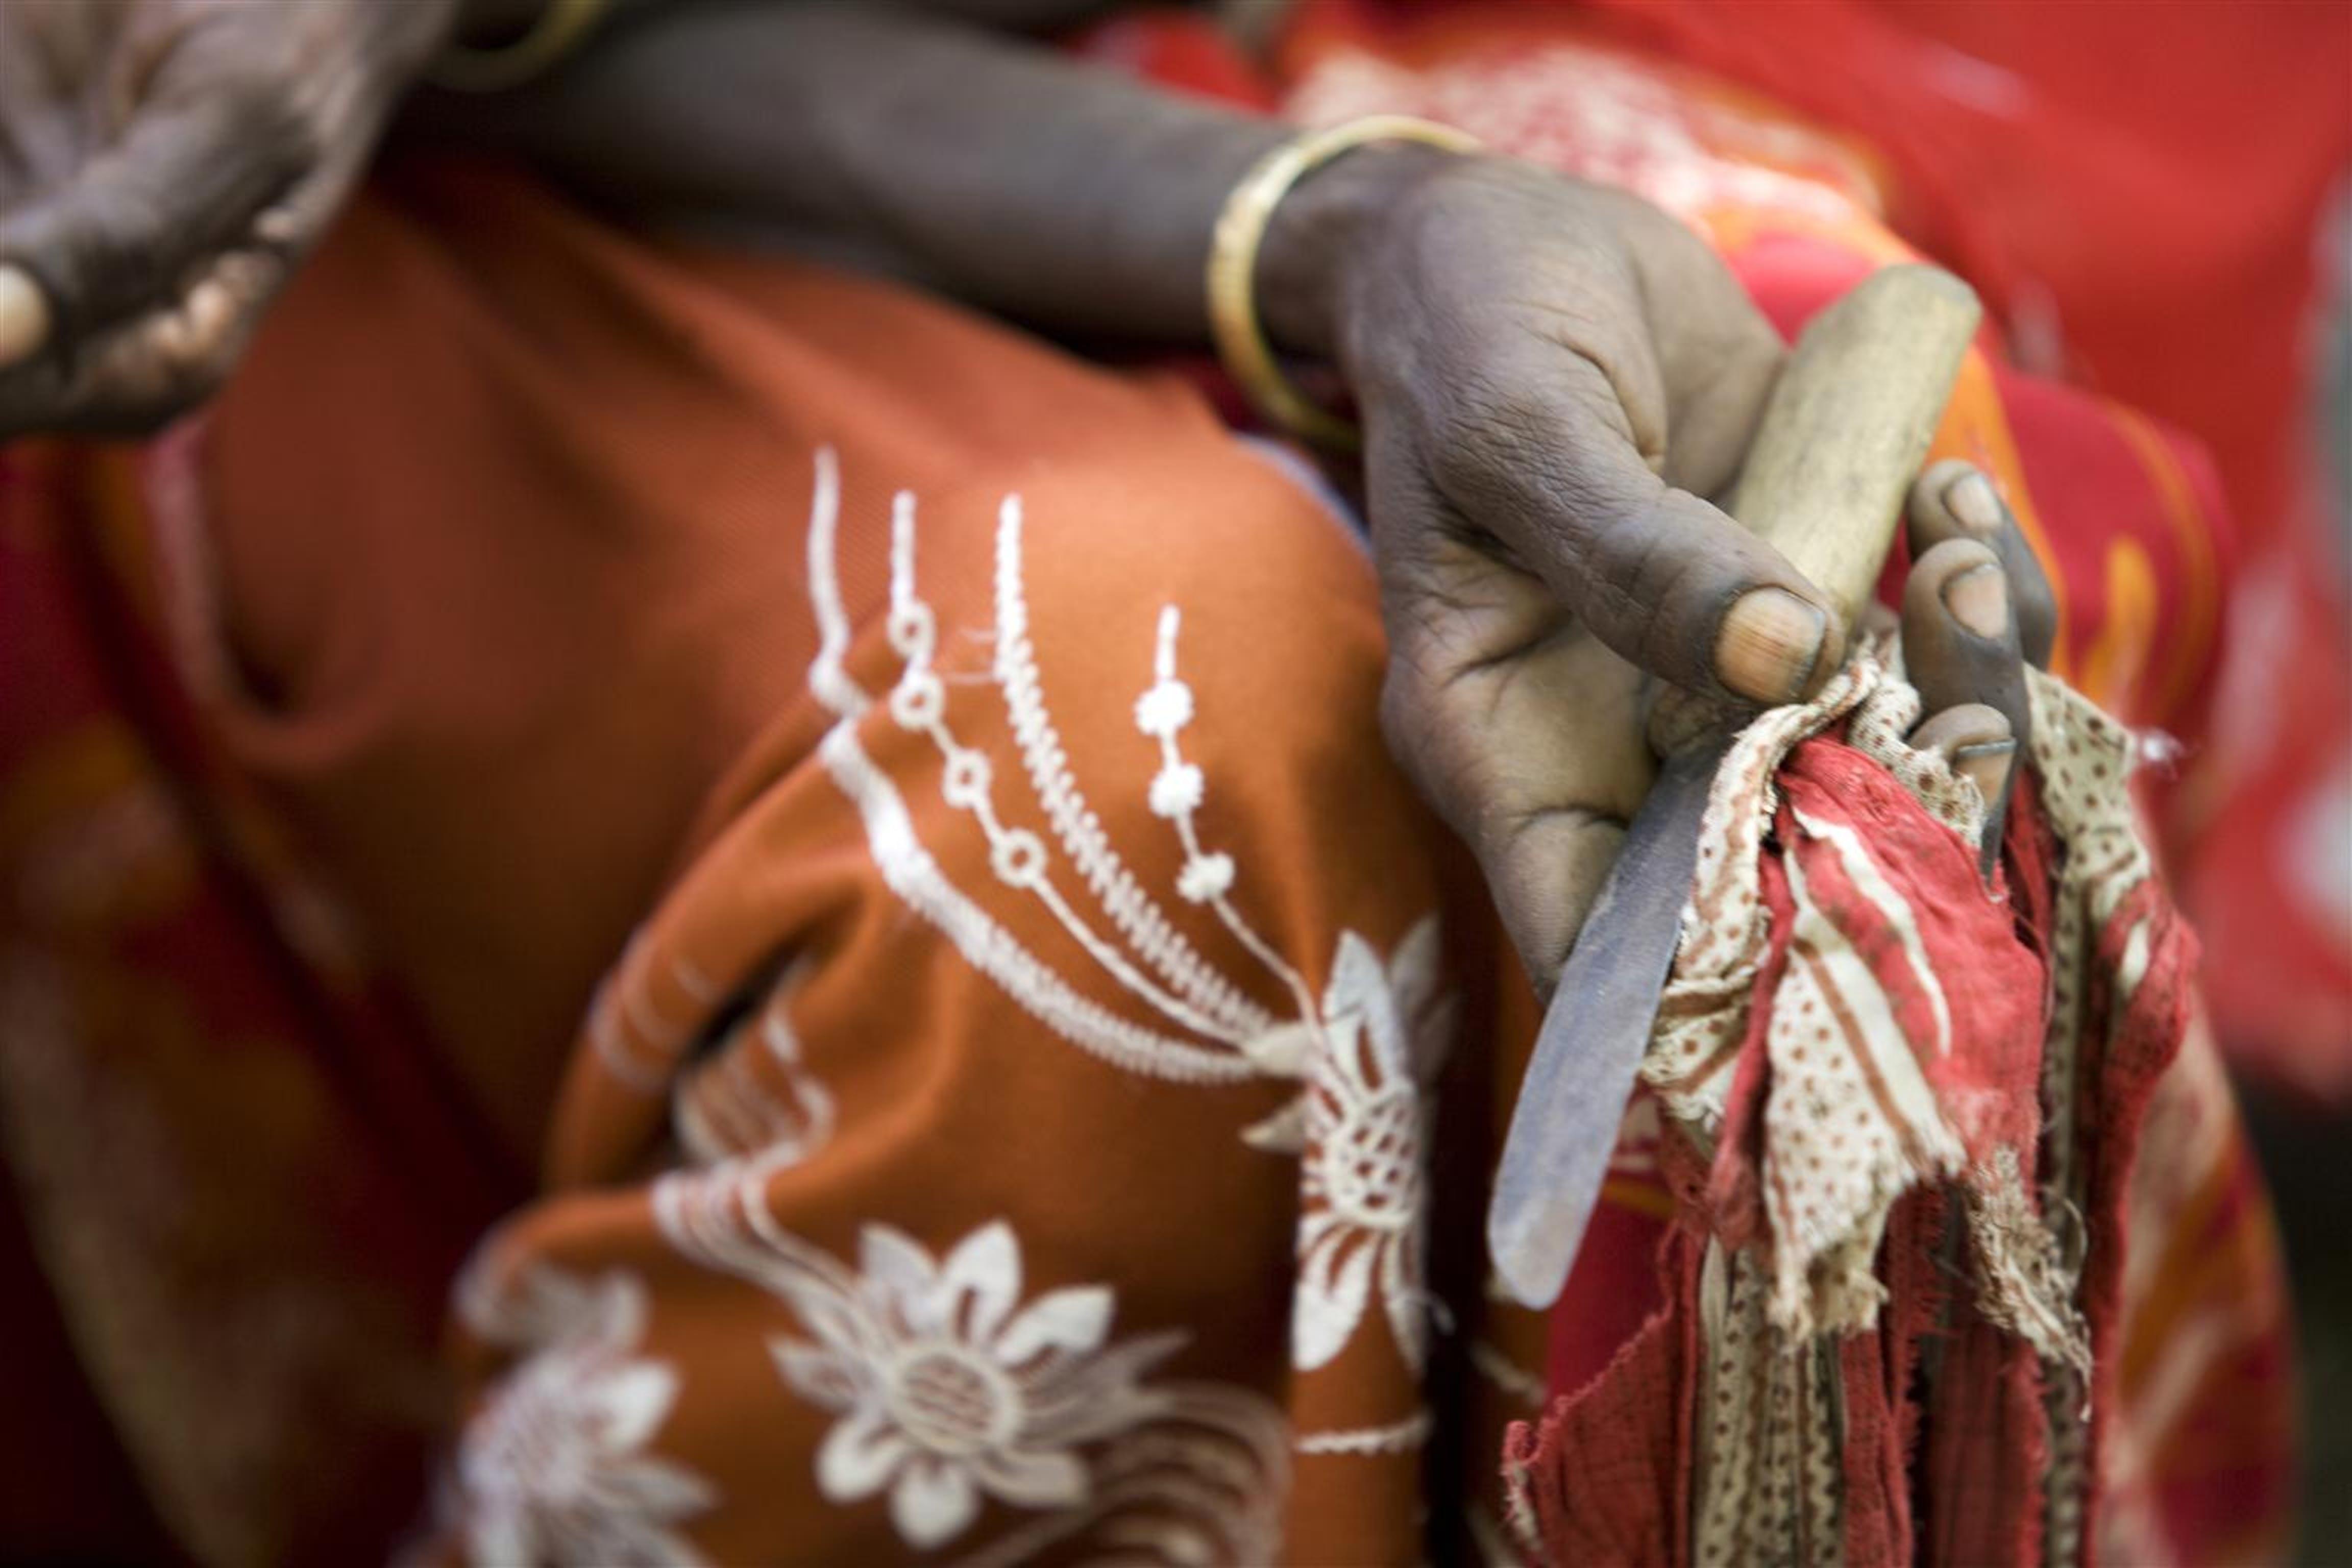 Una donna che ha deciso di abbandonare la pratica delle mutilazioni genitali mostra gli arnesi del suo mestiere durante un incontro nel villaggio di Kabele, in Etiopia -  ©UNICEF/NYHQ2009-2263/K.Holt